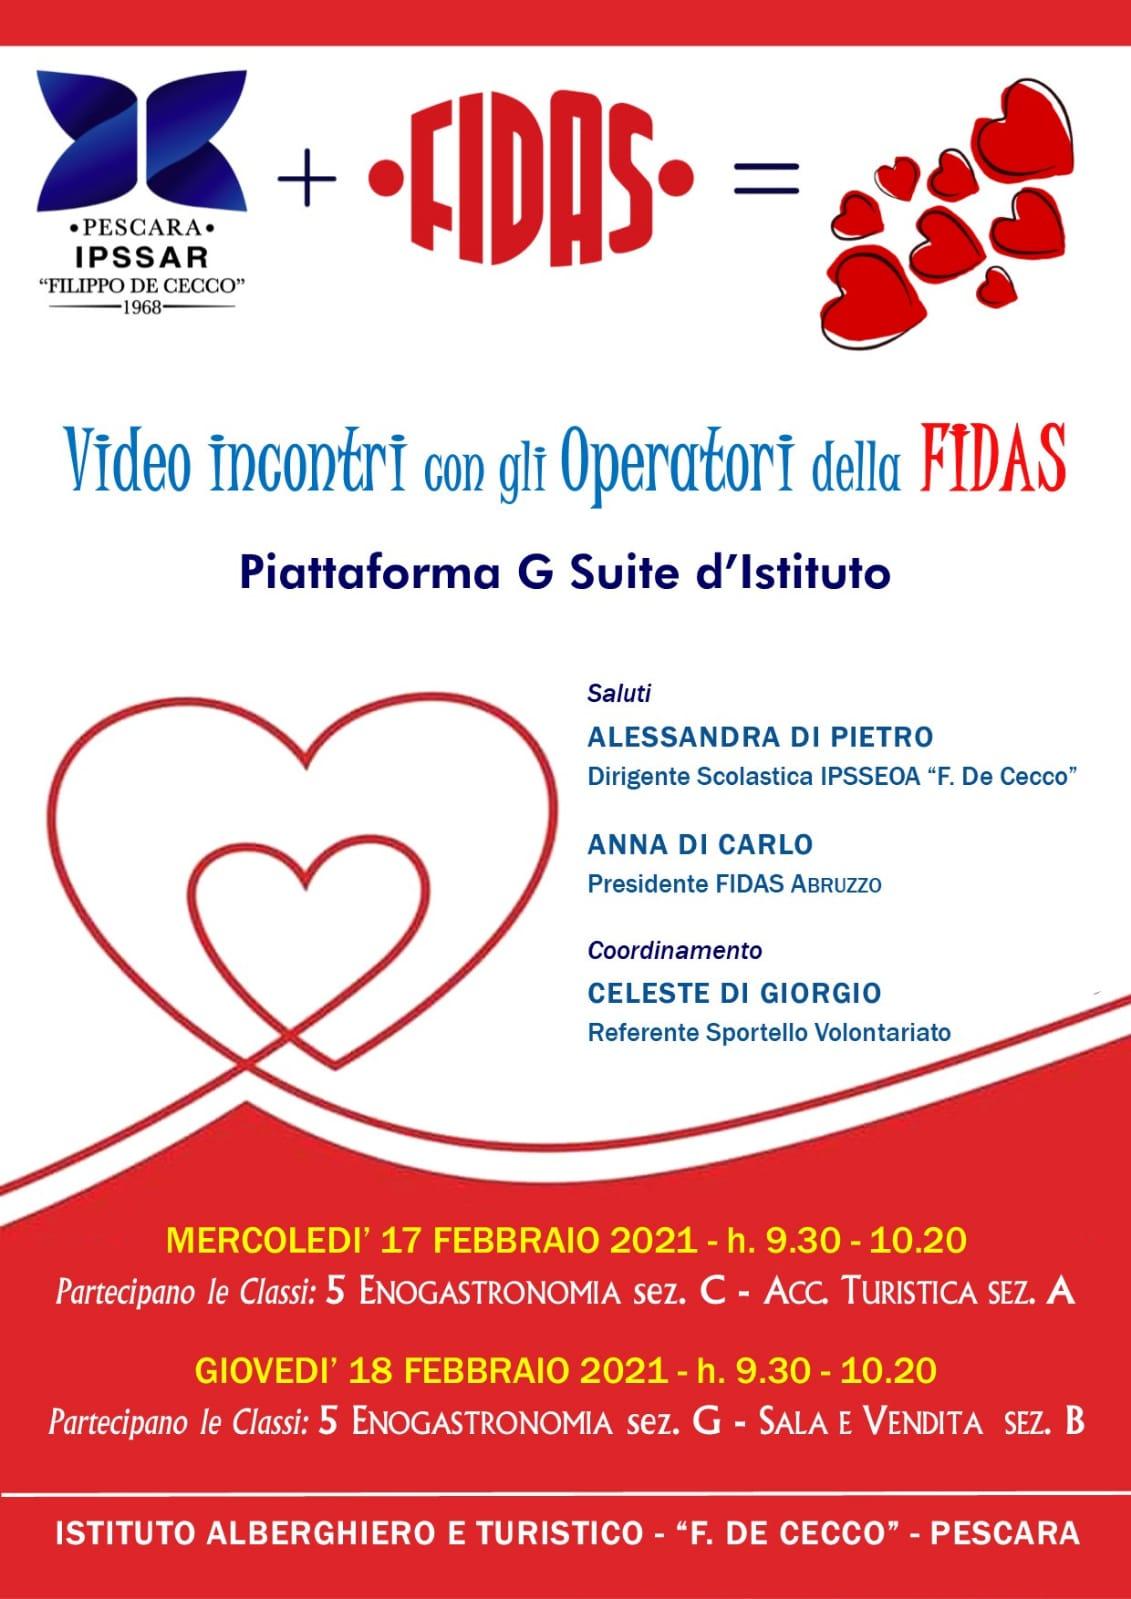 Videoincontri con la FIDAS